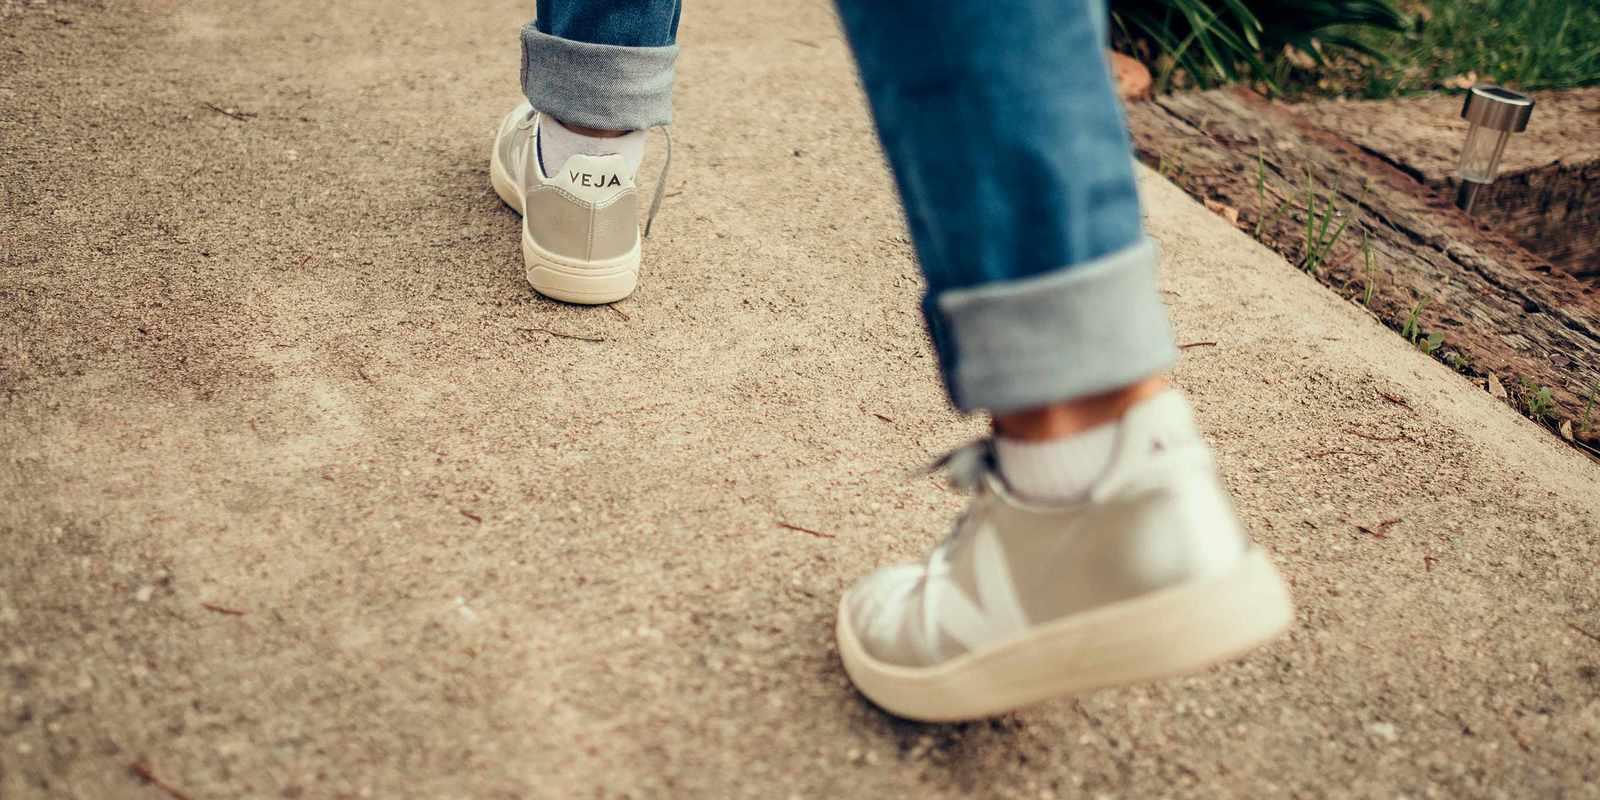 Neue Schuhtrends! Perfekt für den Frühling